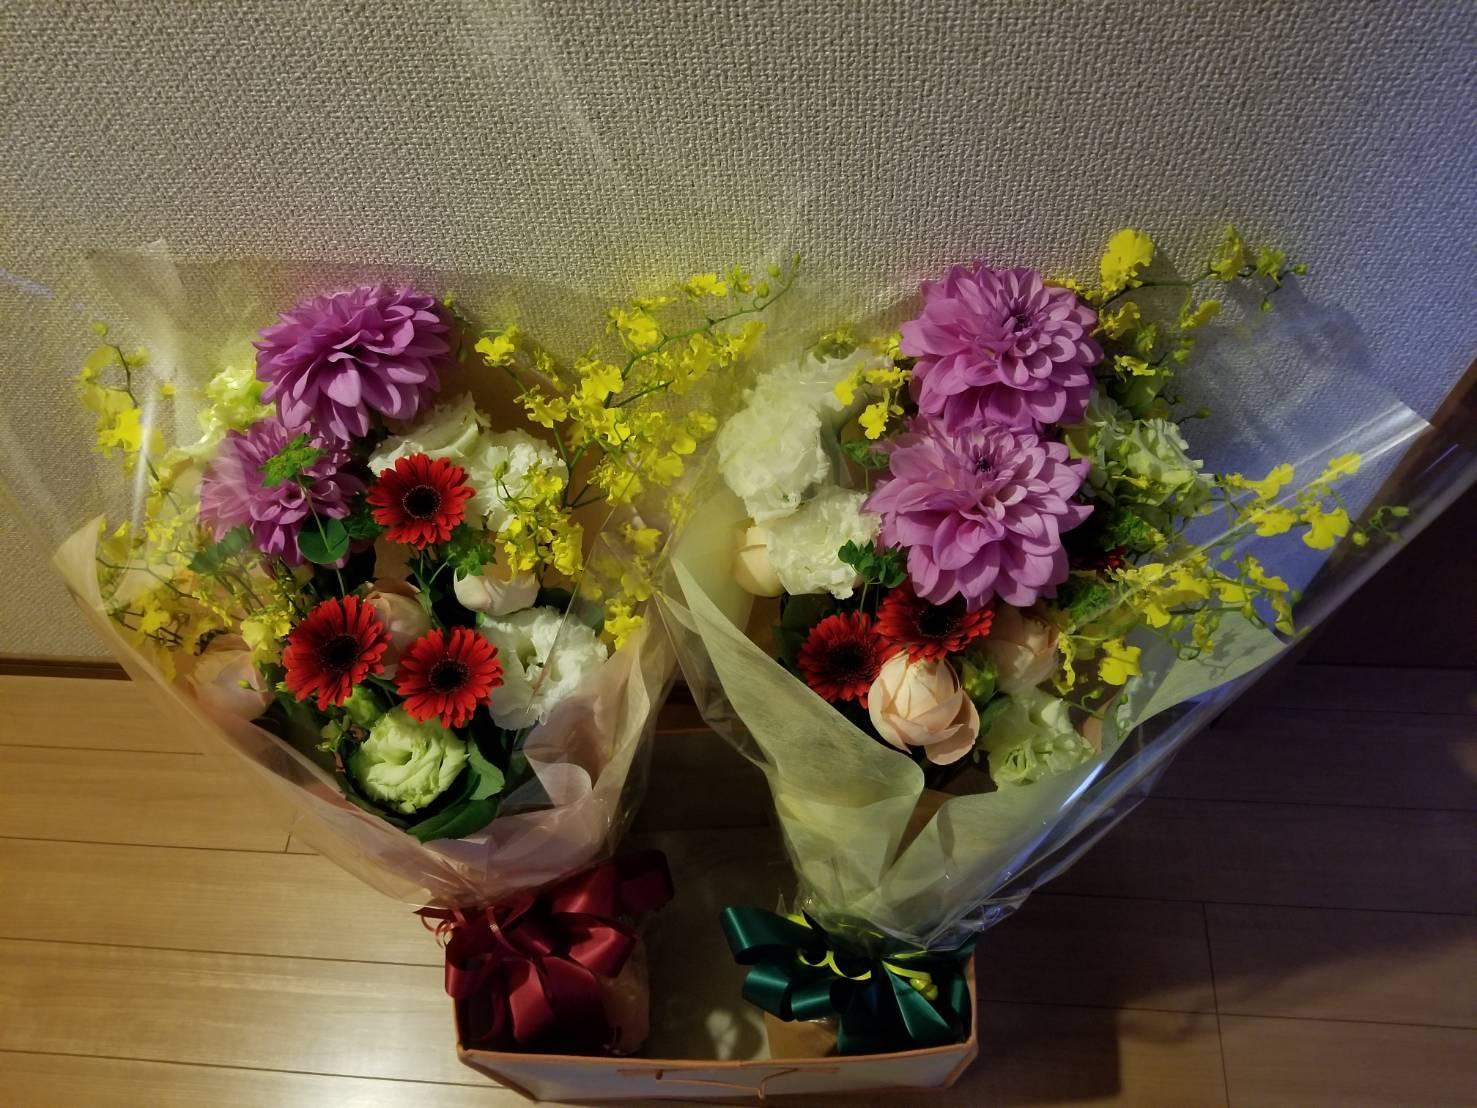 ゆとり休暇 最終日_f0332332_21055458.jpg